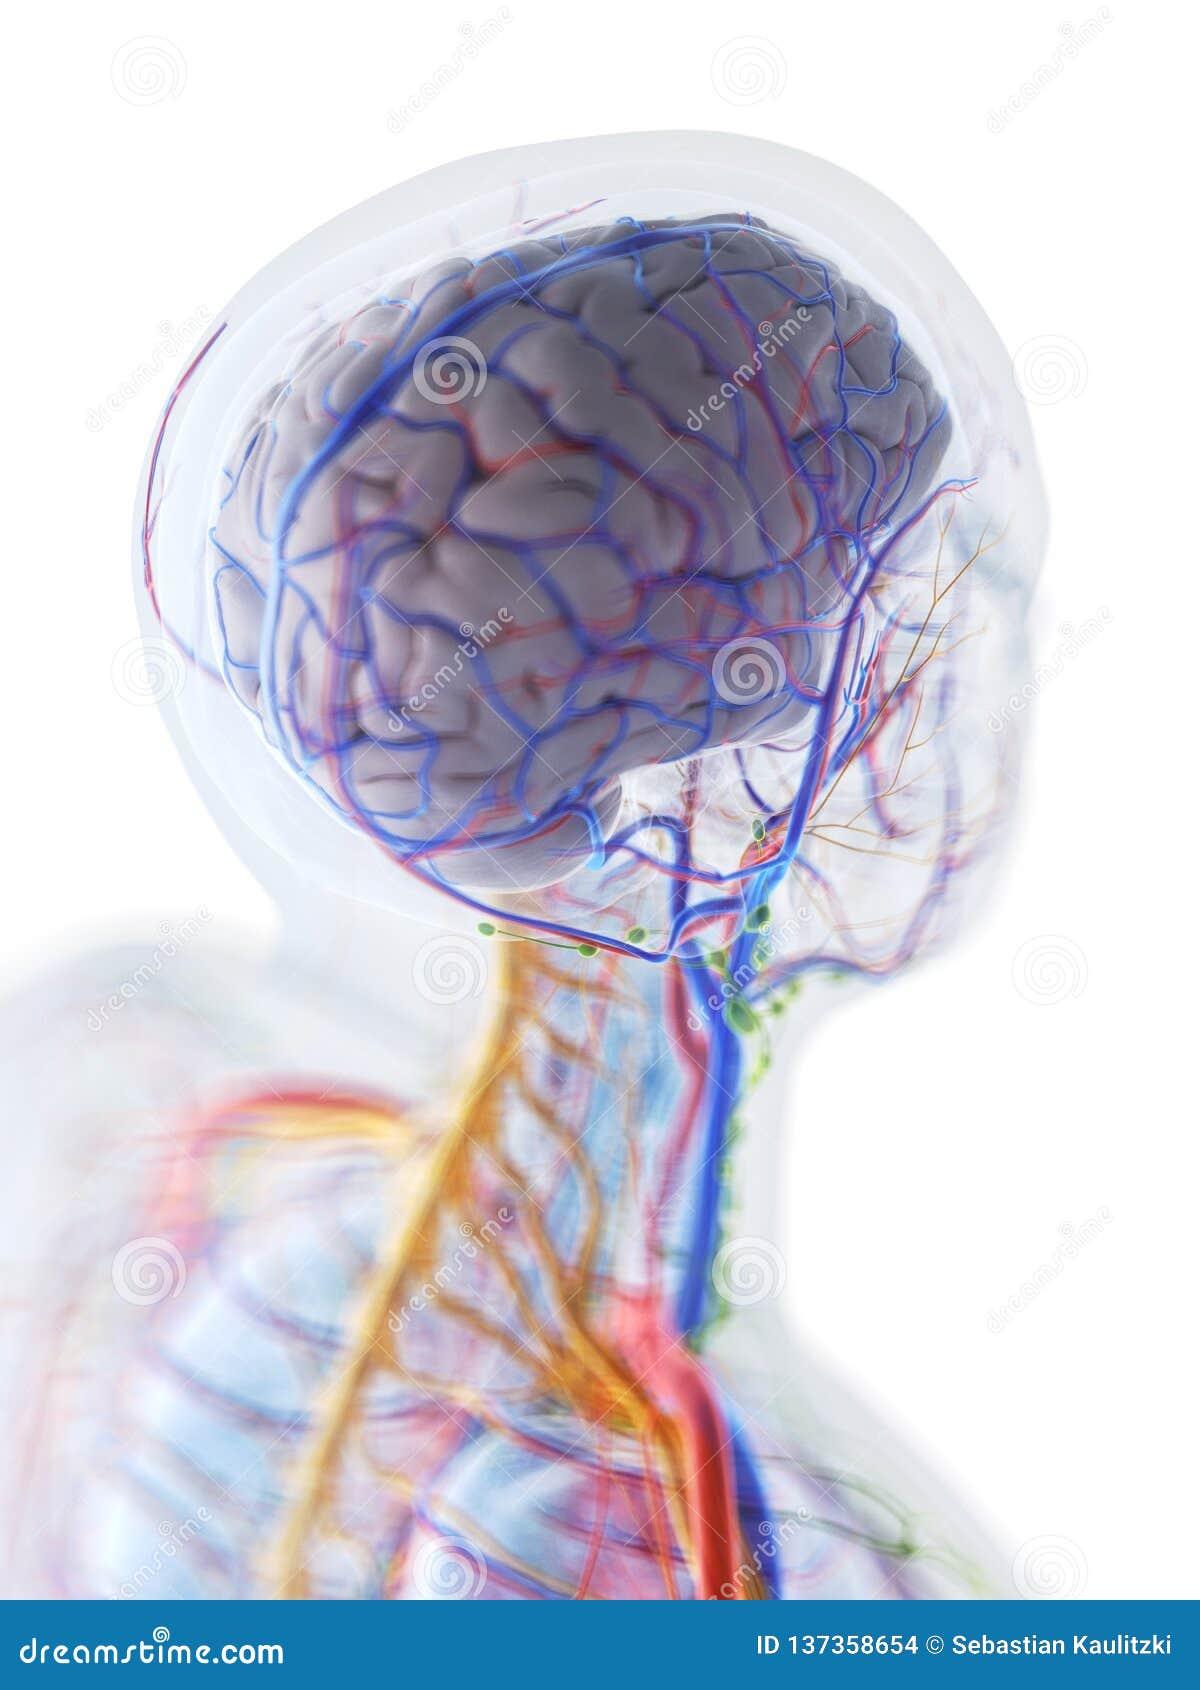 De anatomie van de menselijke hersenen